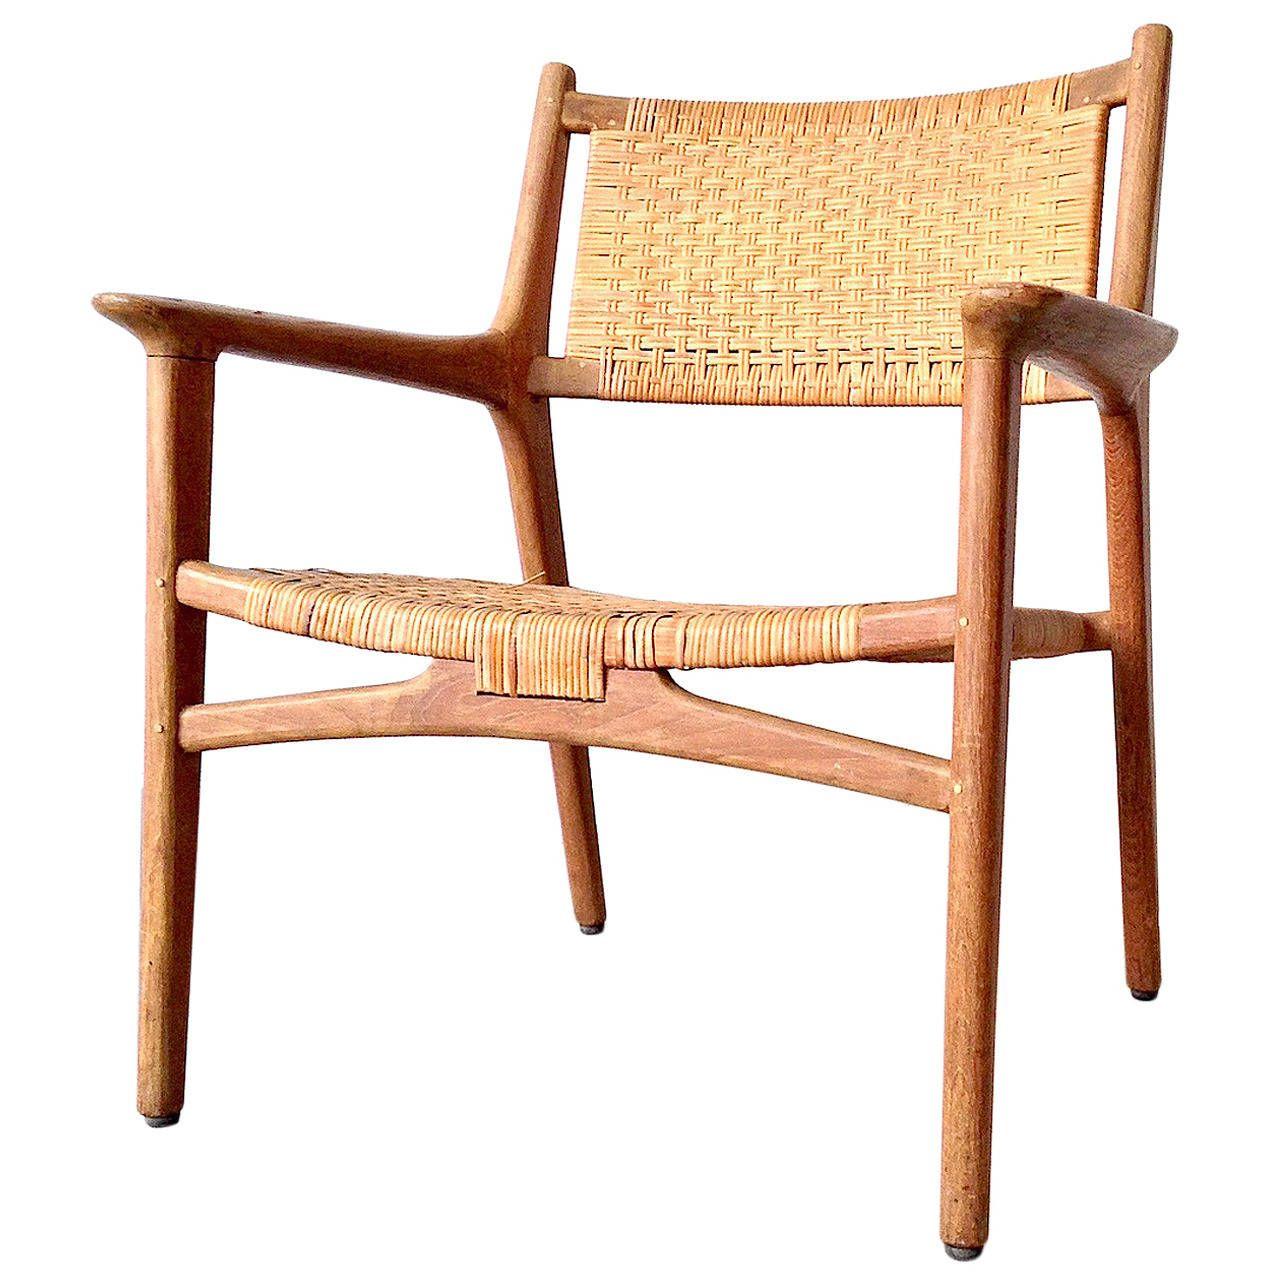 Hans J Wegner For Johannes Hansen Teak Cane Easy Chair 1951